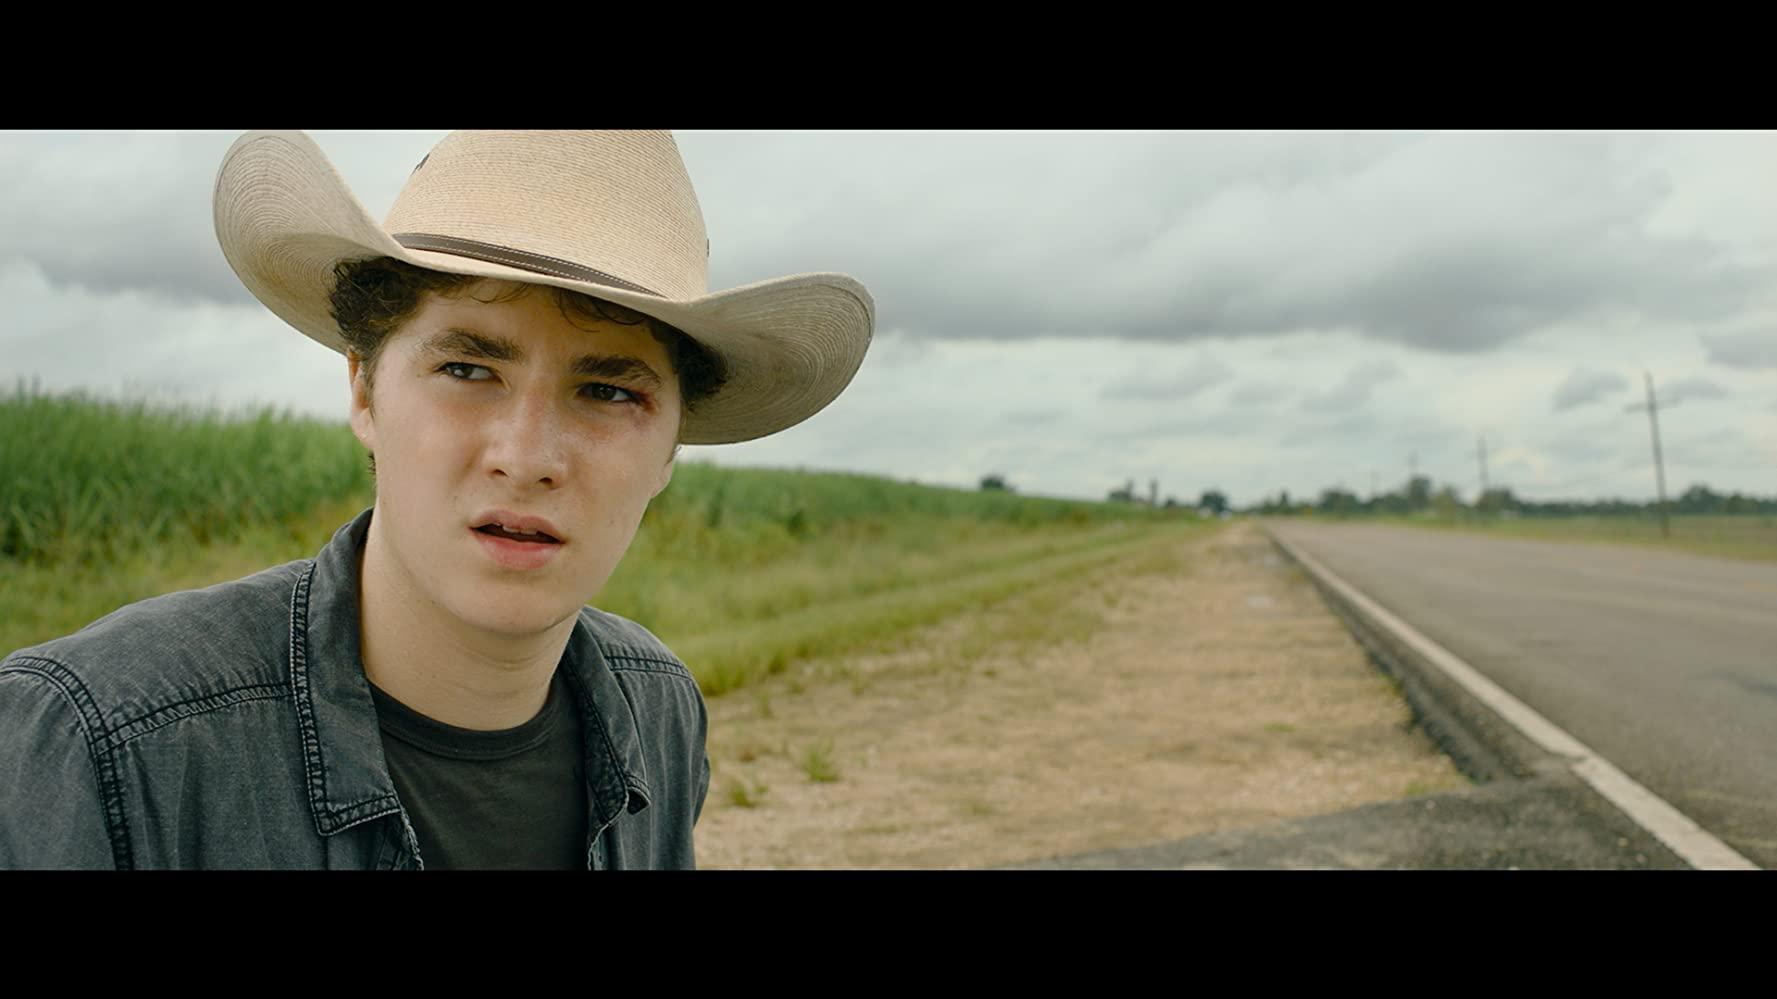 مشاهدة فيلم Walkaway Joe (2020) مترجم HD اون لاين